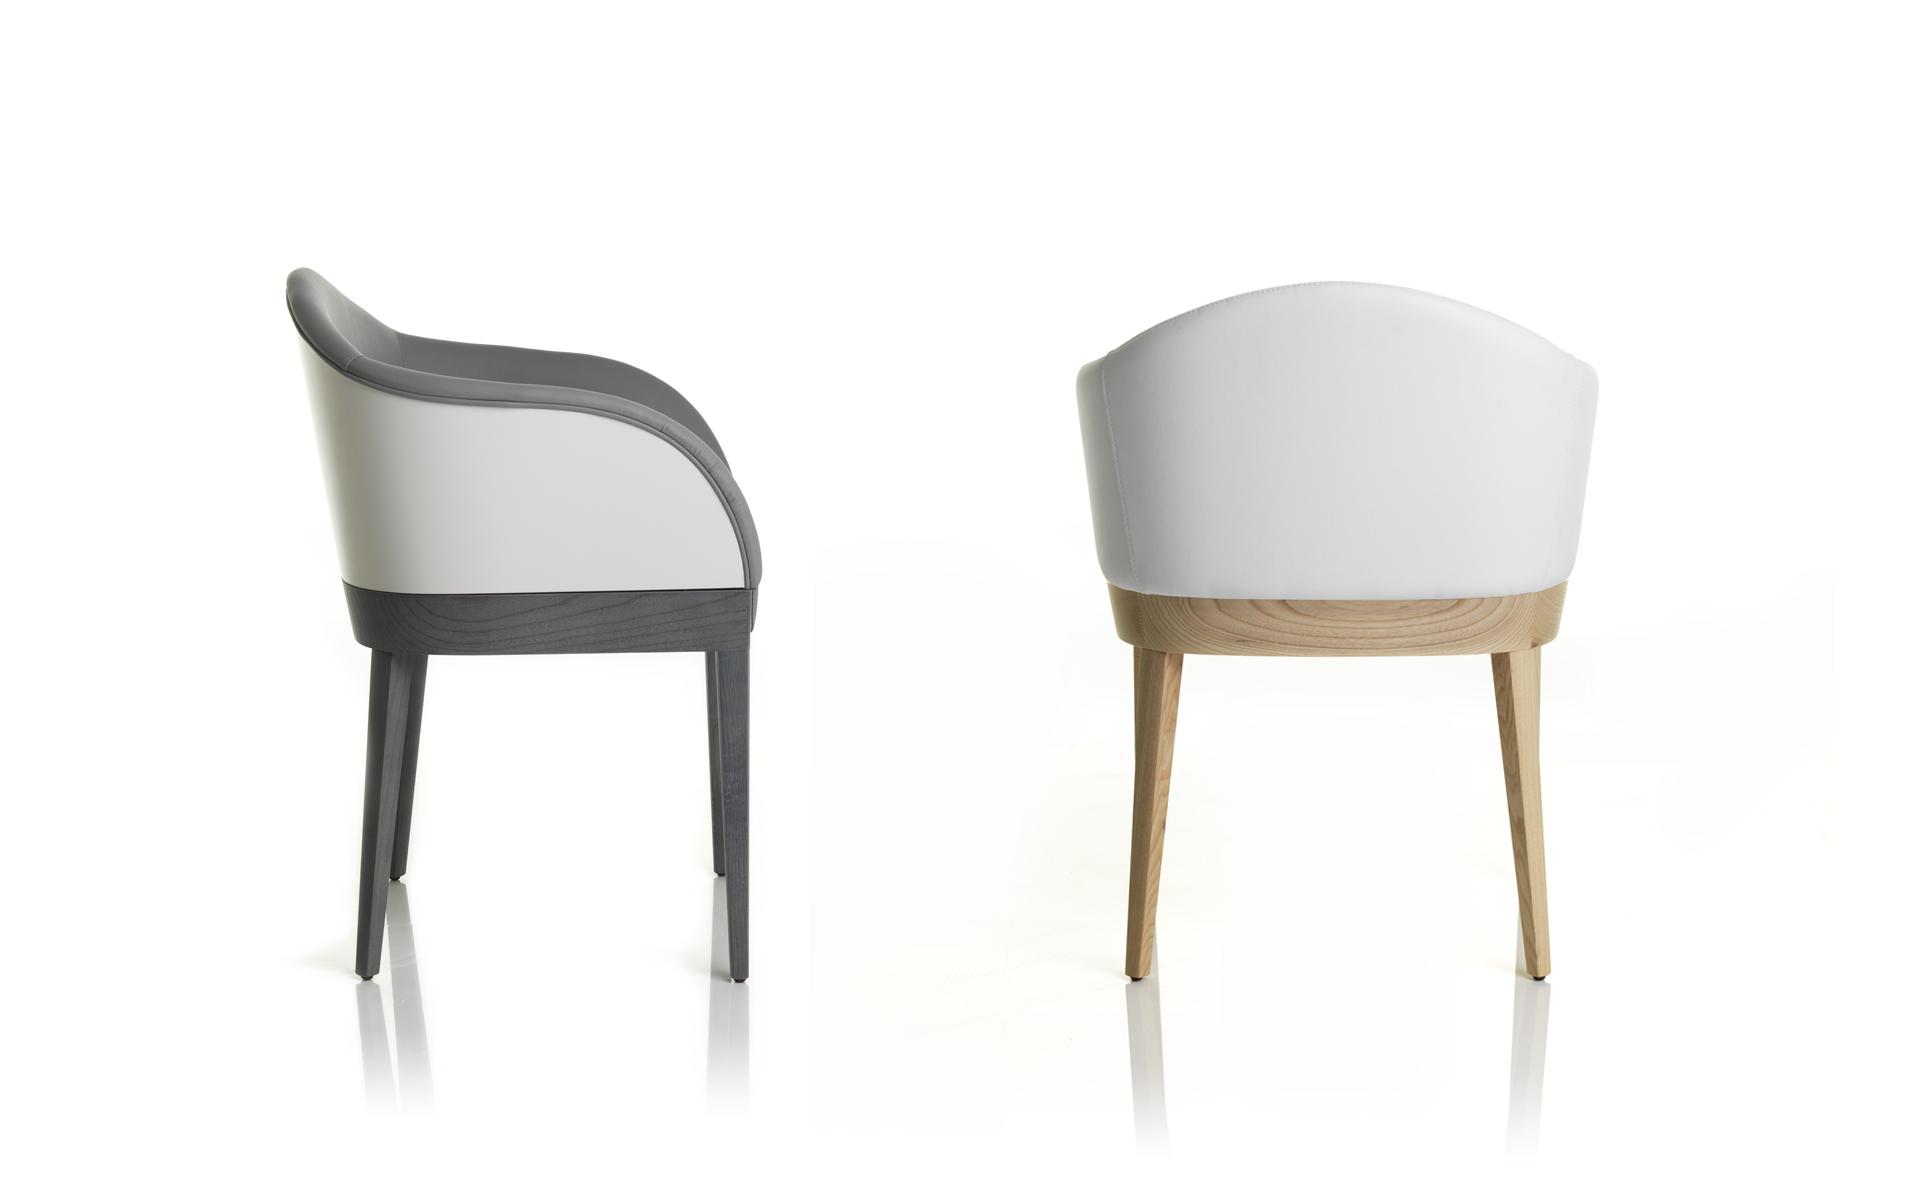 Michele menescardi designer industrial design studio for Calligaris instagram